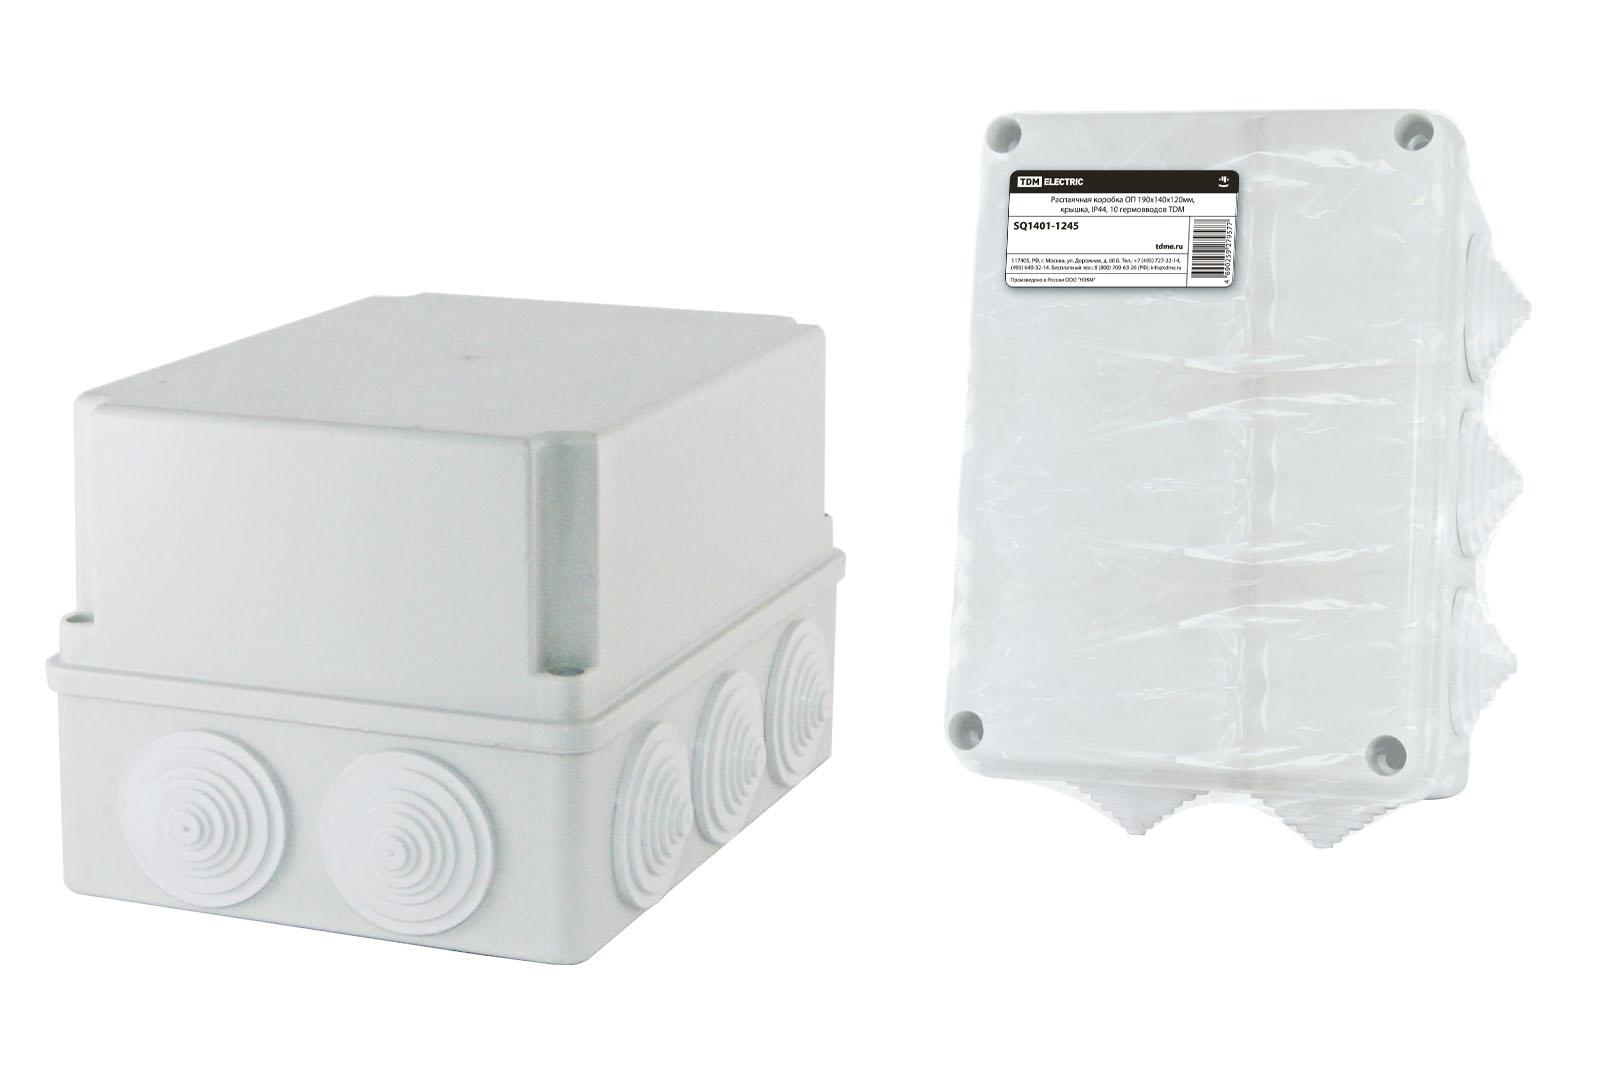 Фото Распаячная коробка ОП 190х140х120мм, крышка, IP44, 10 гермовводов, инд. штрихкод, TDM {SQ1401-1245}